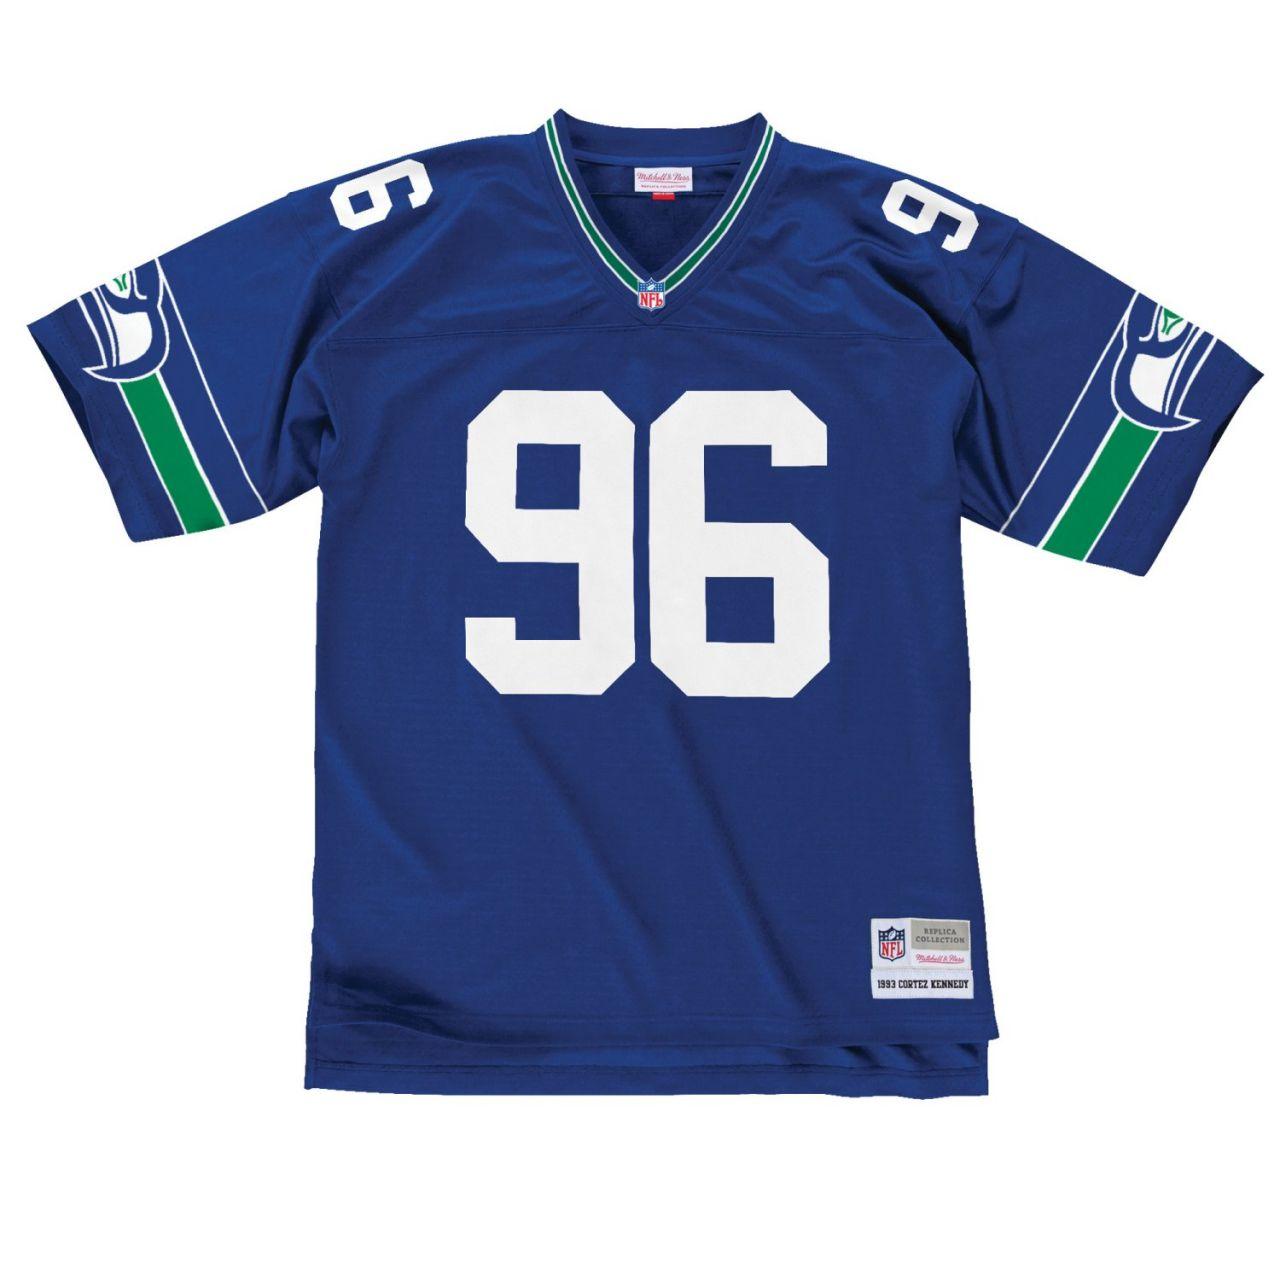 amfoo - NFL Legacy Jersey - Seattle Seahawks 1993 Cortez Kennedy